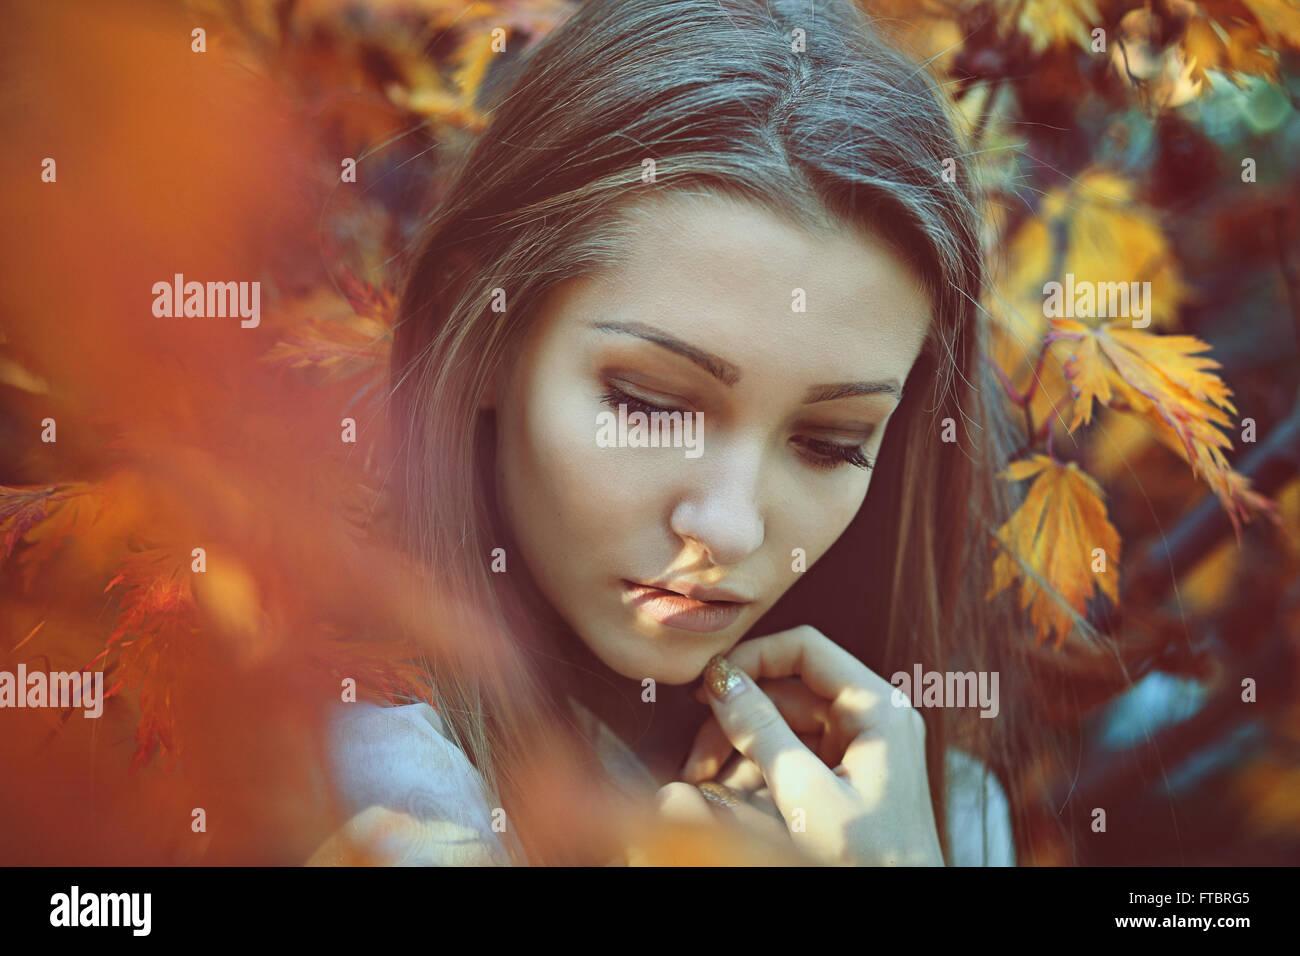 Schöne Frau Porträt mit traurigen Farben. Unschuld und Reinheit Stockbild